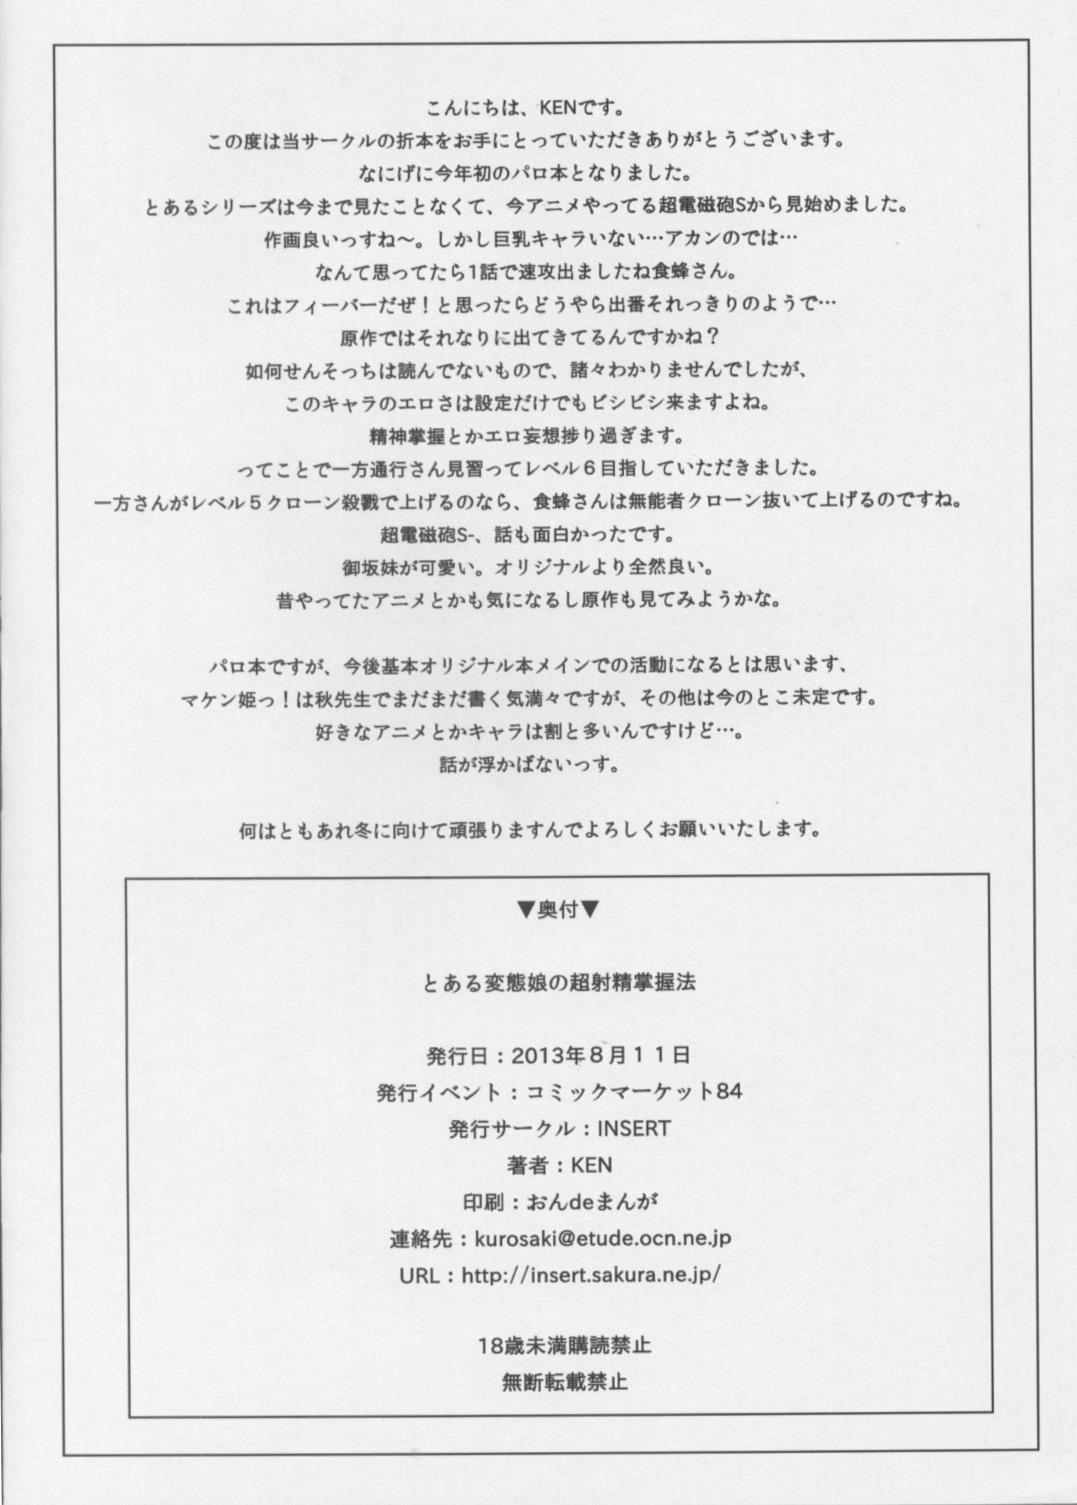 Toaru Hentai Musume no Chou White Out Hou 9